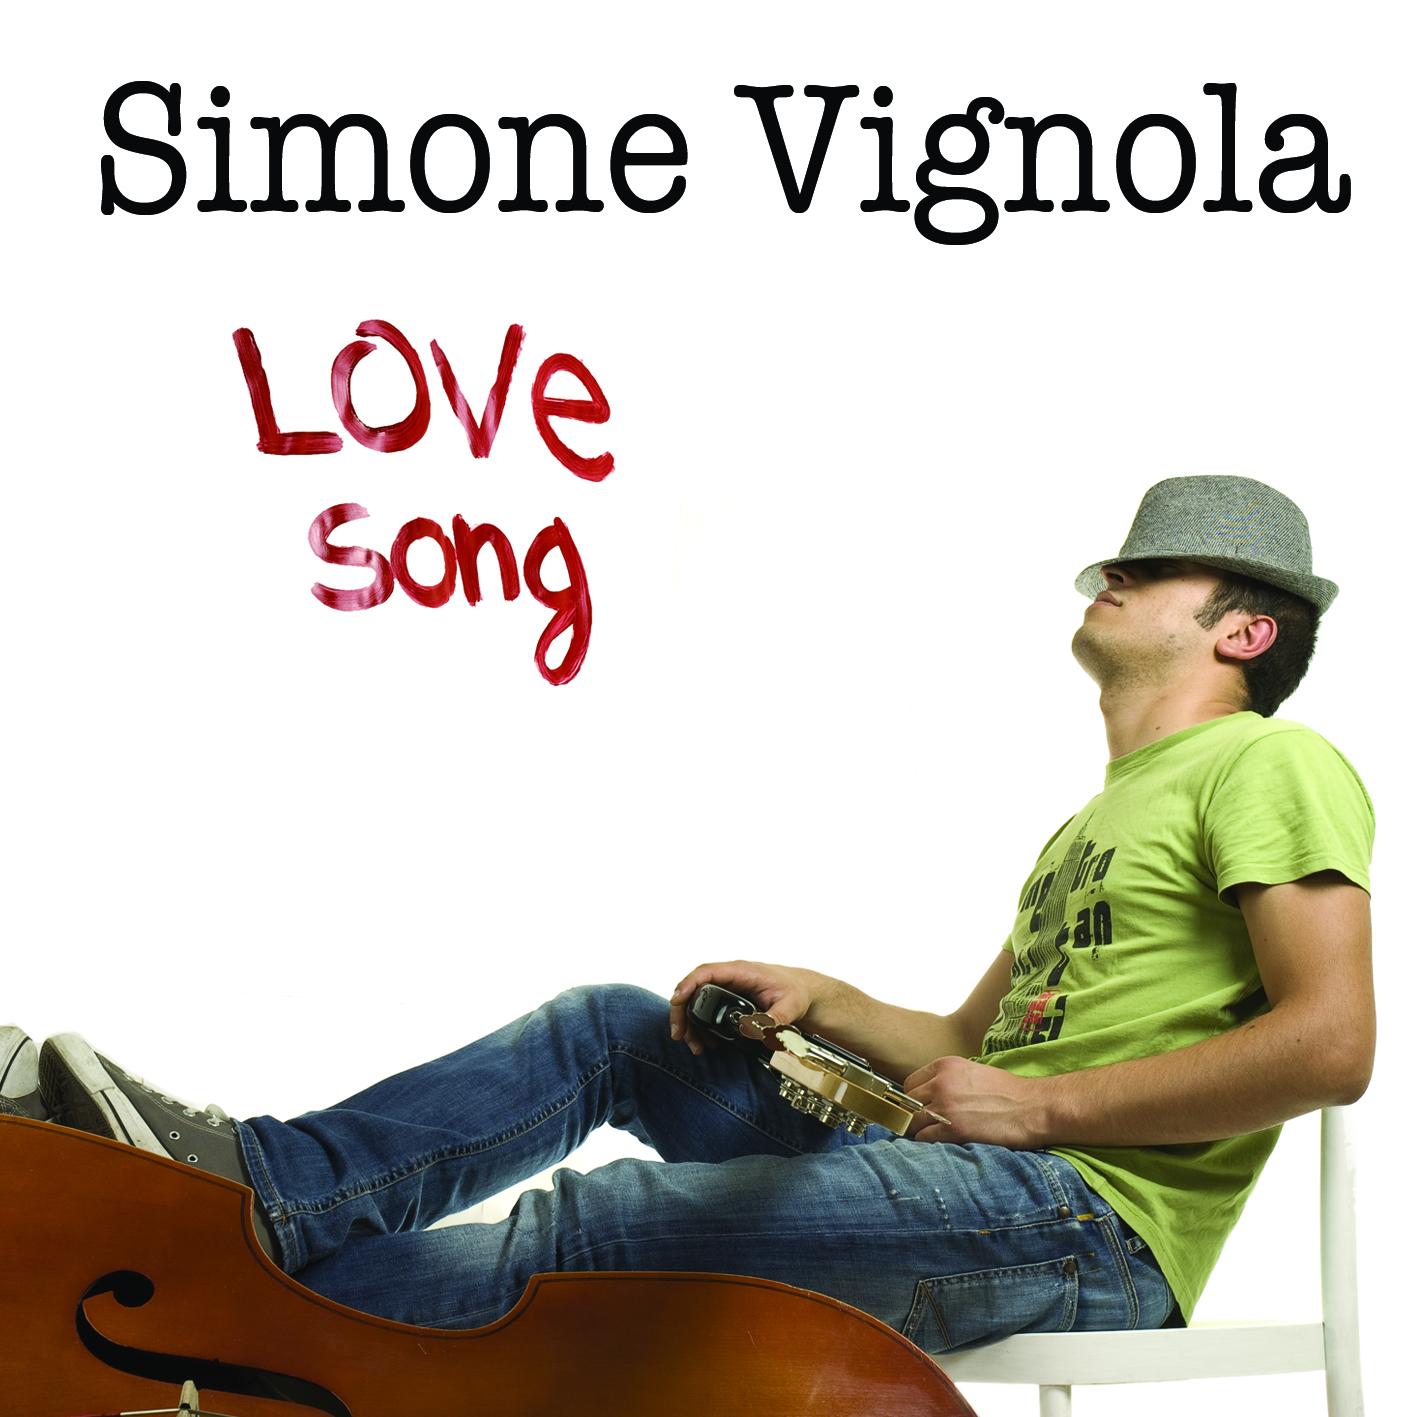 Simone Vignola - Love Song (front)